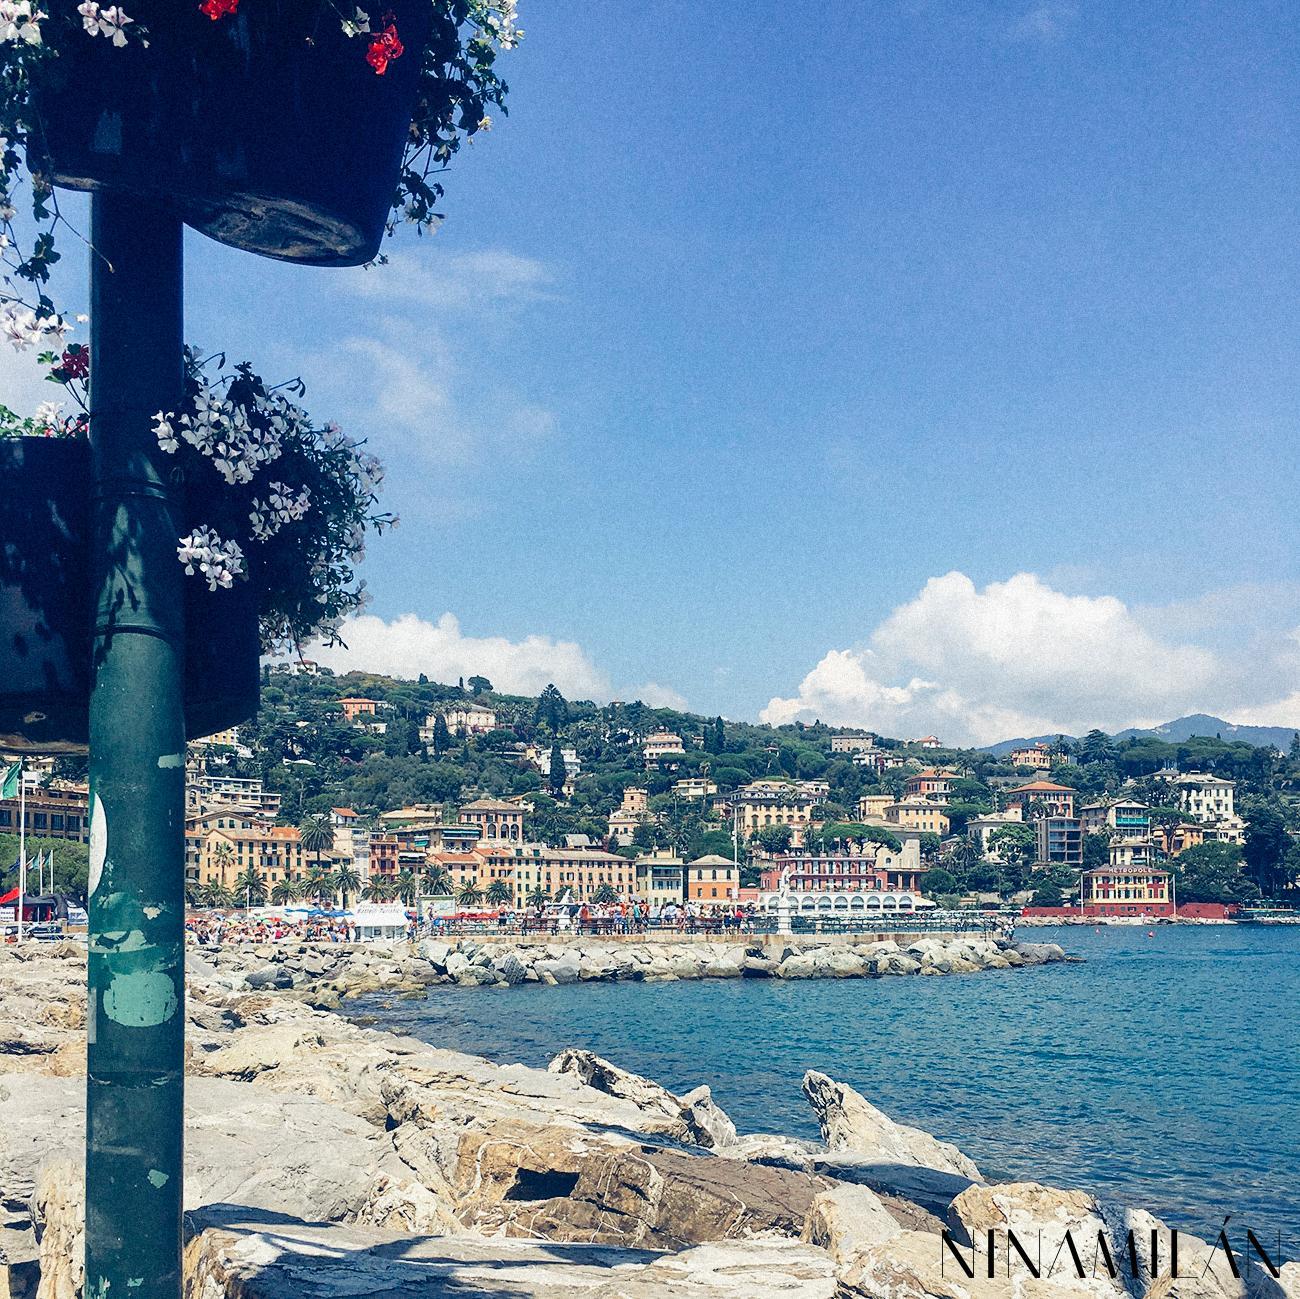 Santa Margherita Ligure NINAMILAN (3)